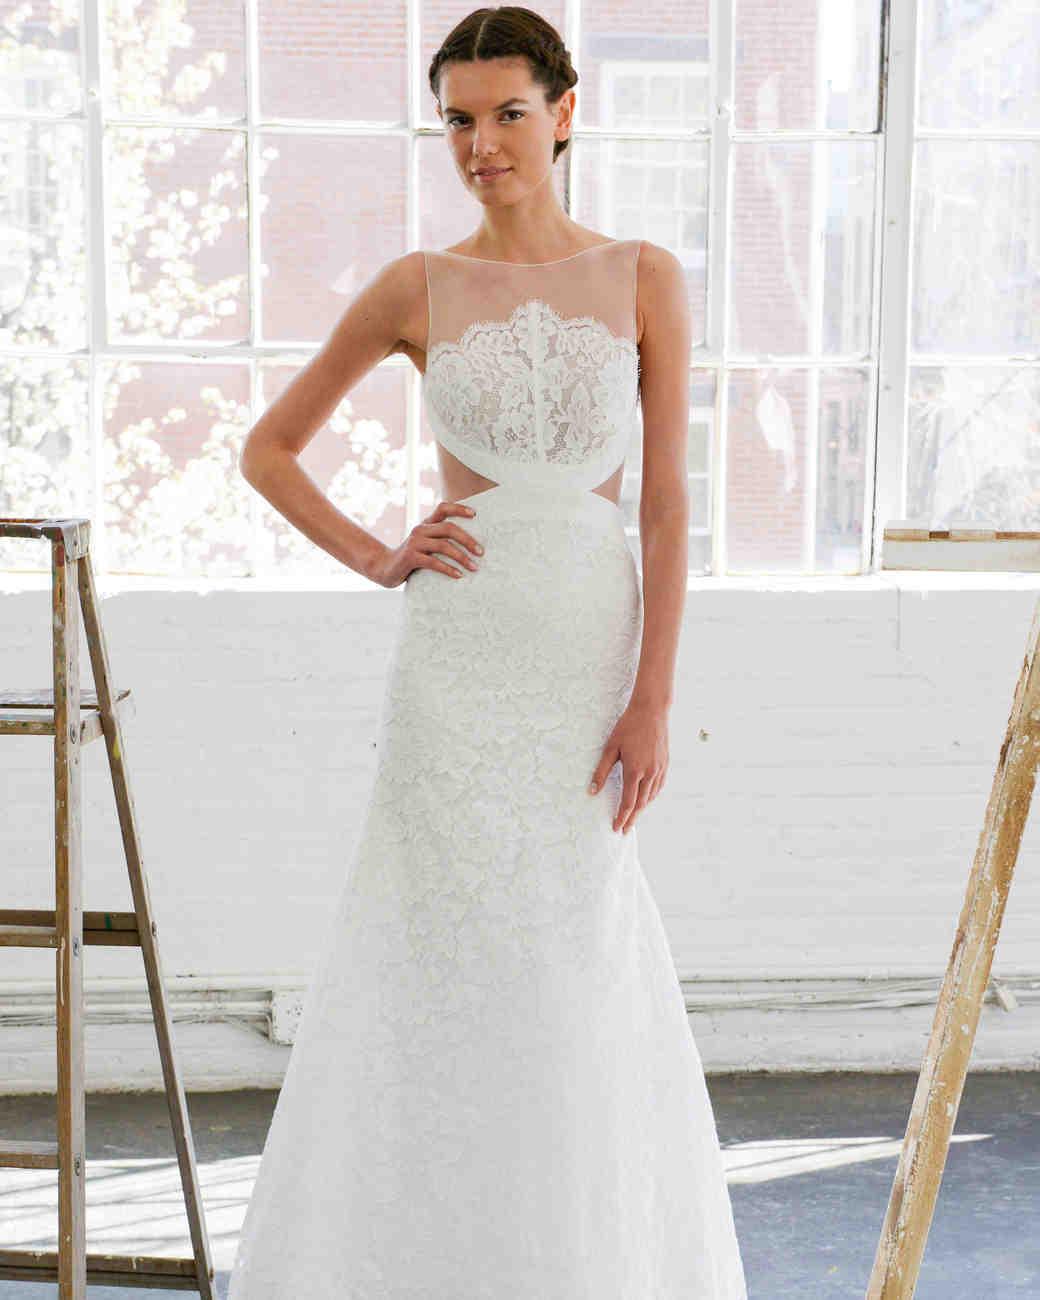 Erfreut Lela Rose Wedding Gowns Zeitgenössisch - Brautkleider Ideen ...